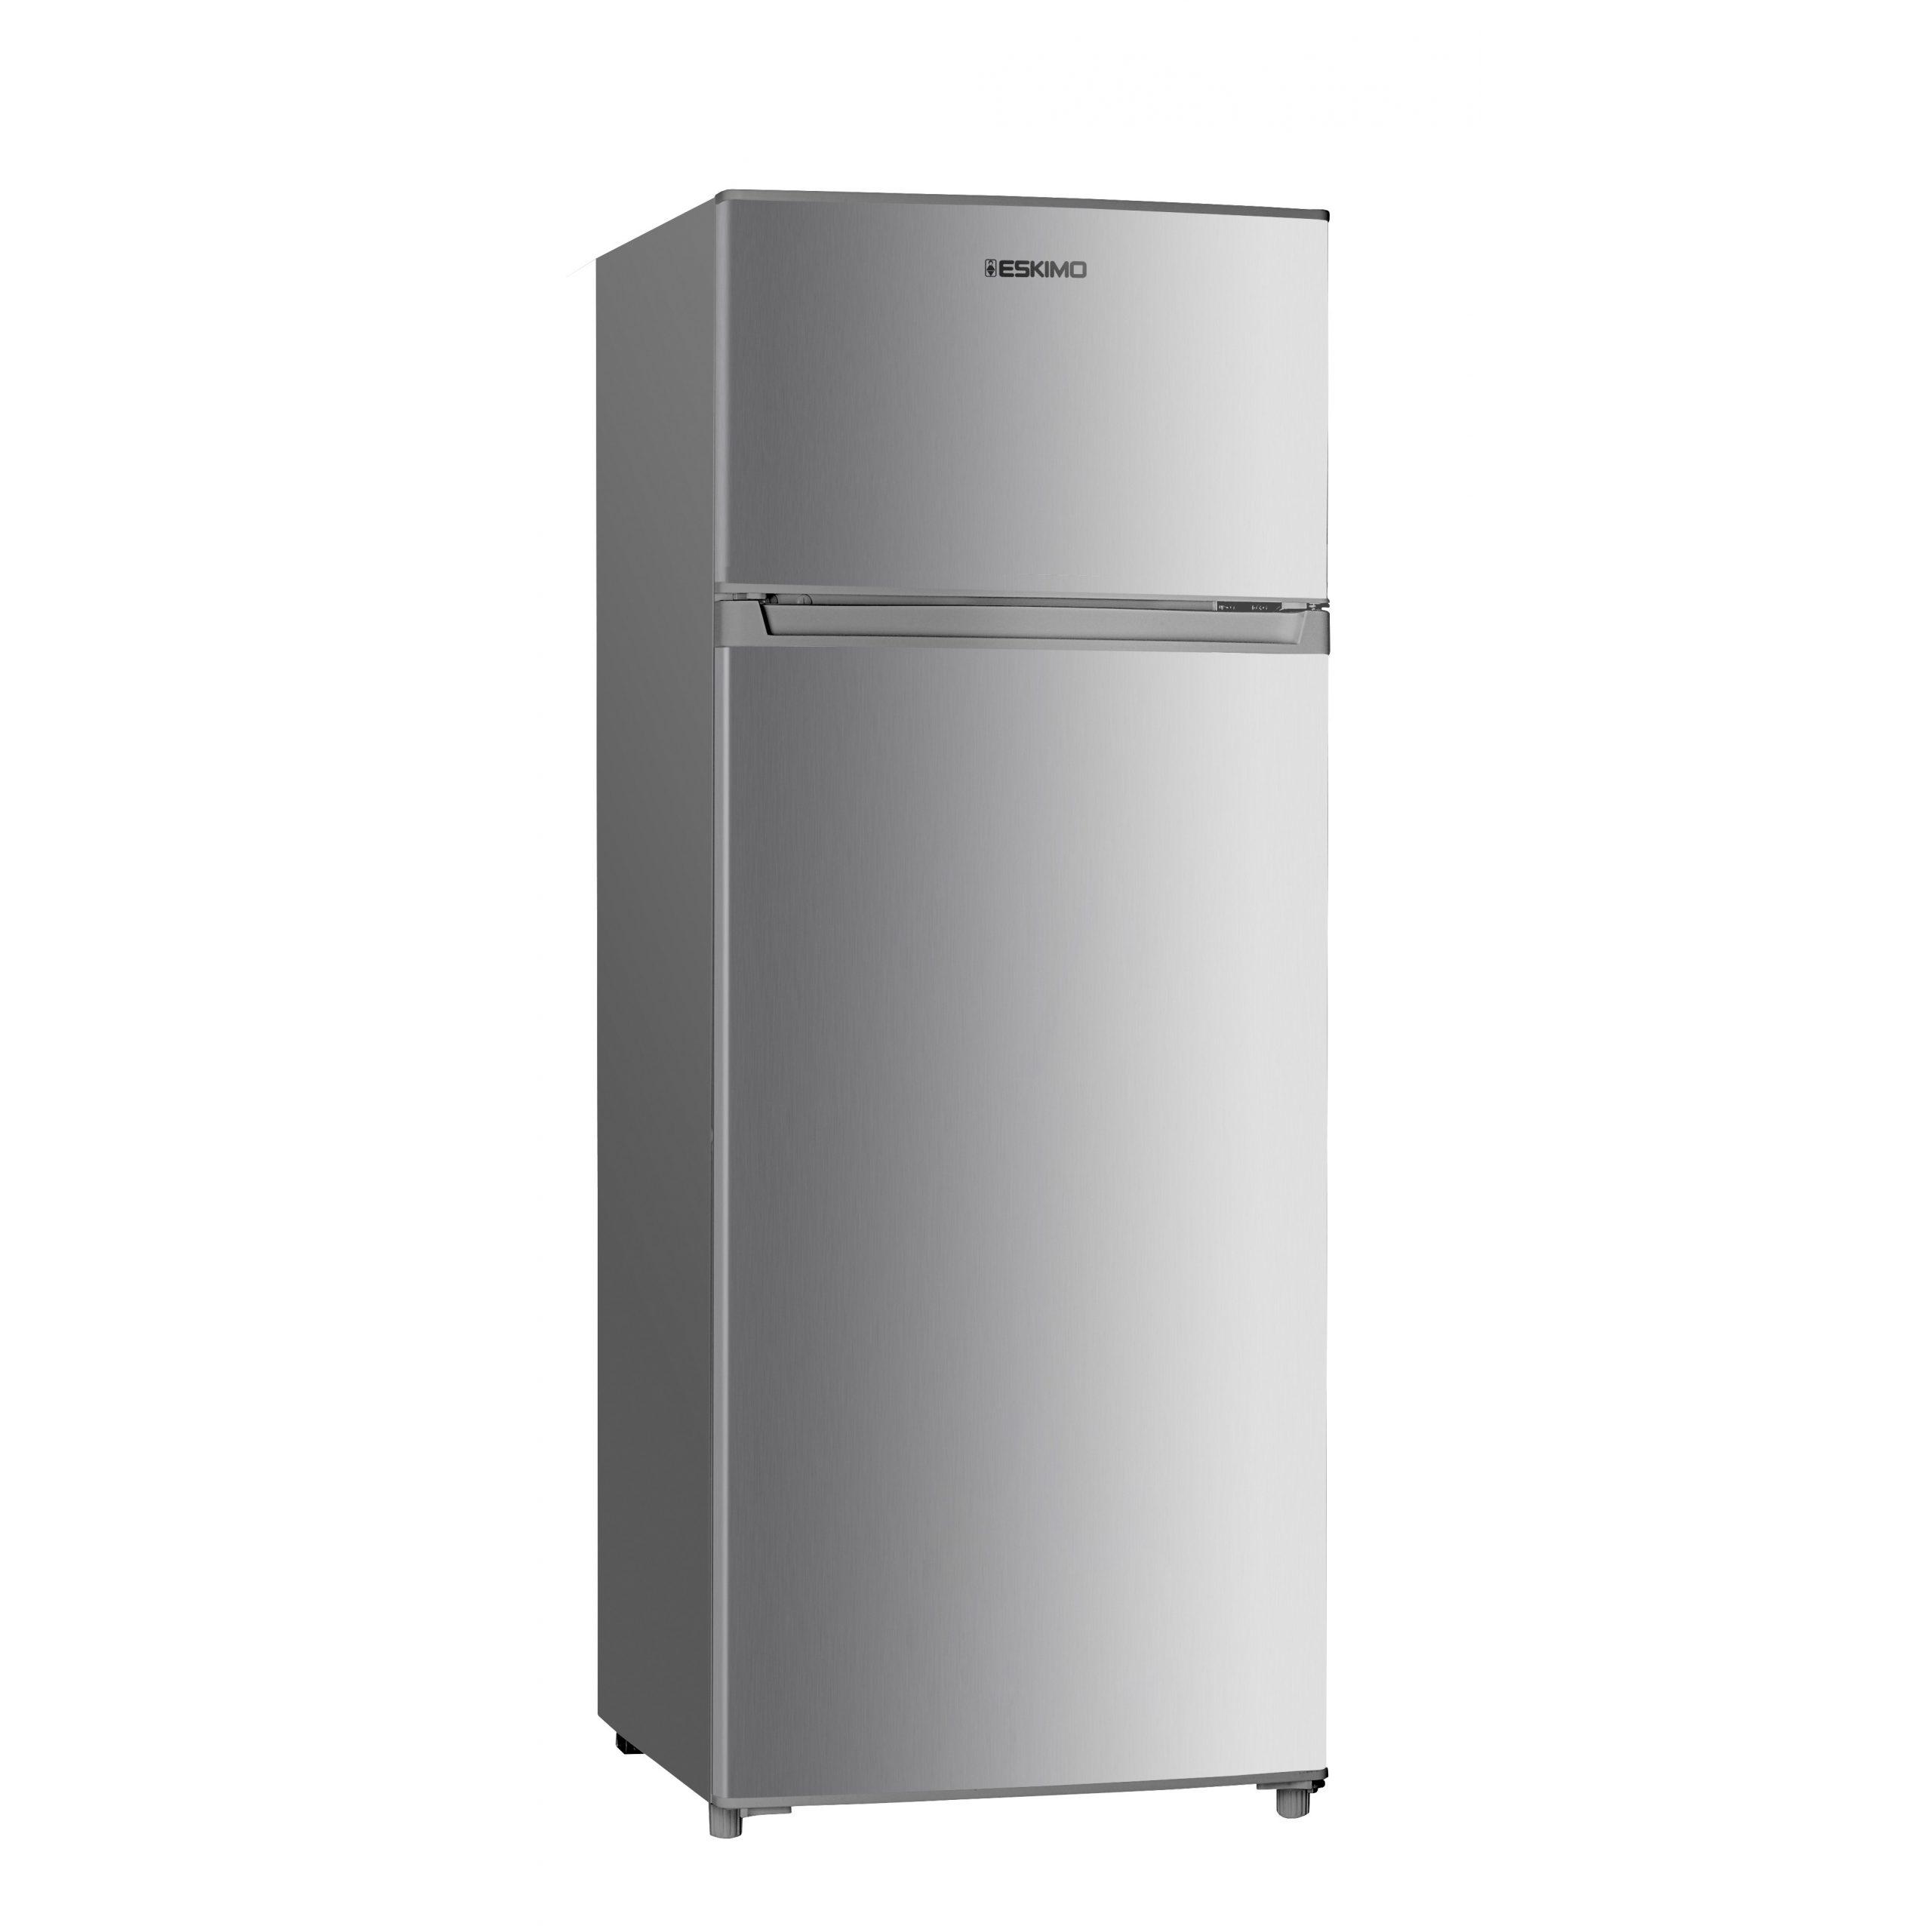 Eskimo Δίπορτο Ψυγείο ES 8214 S